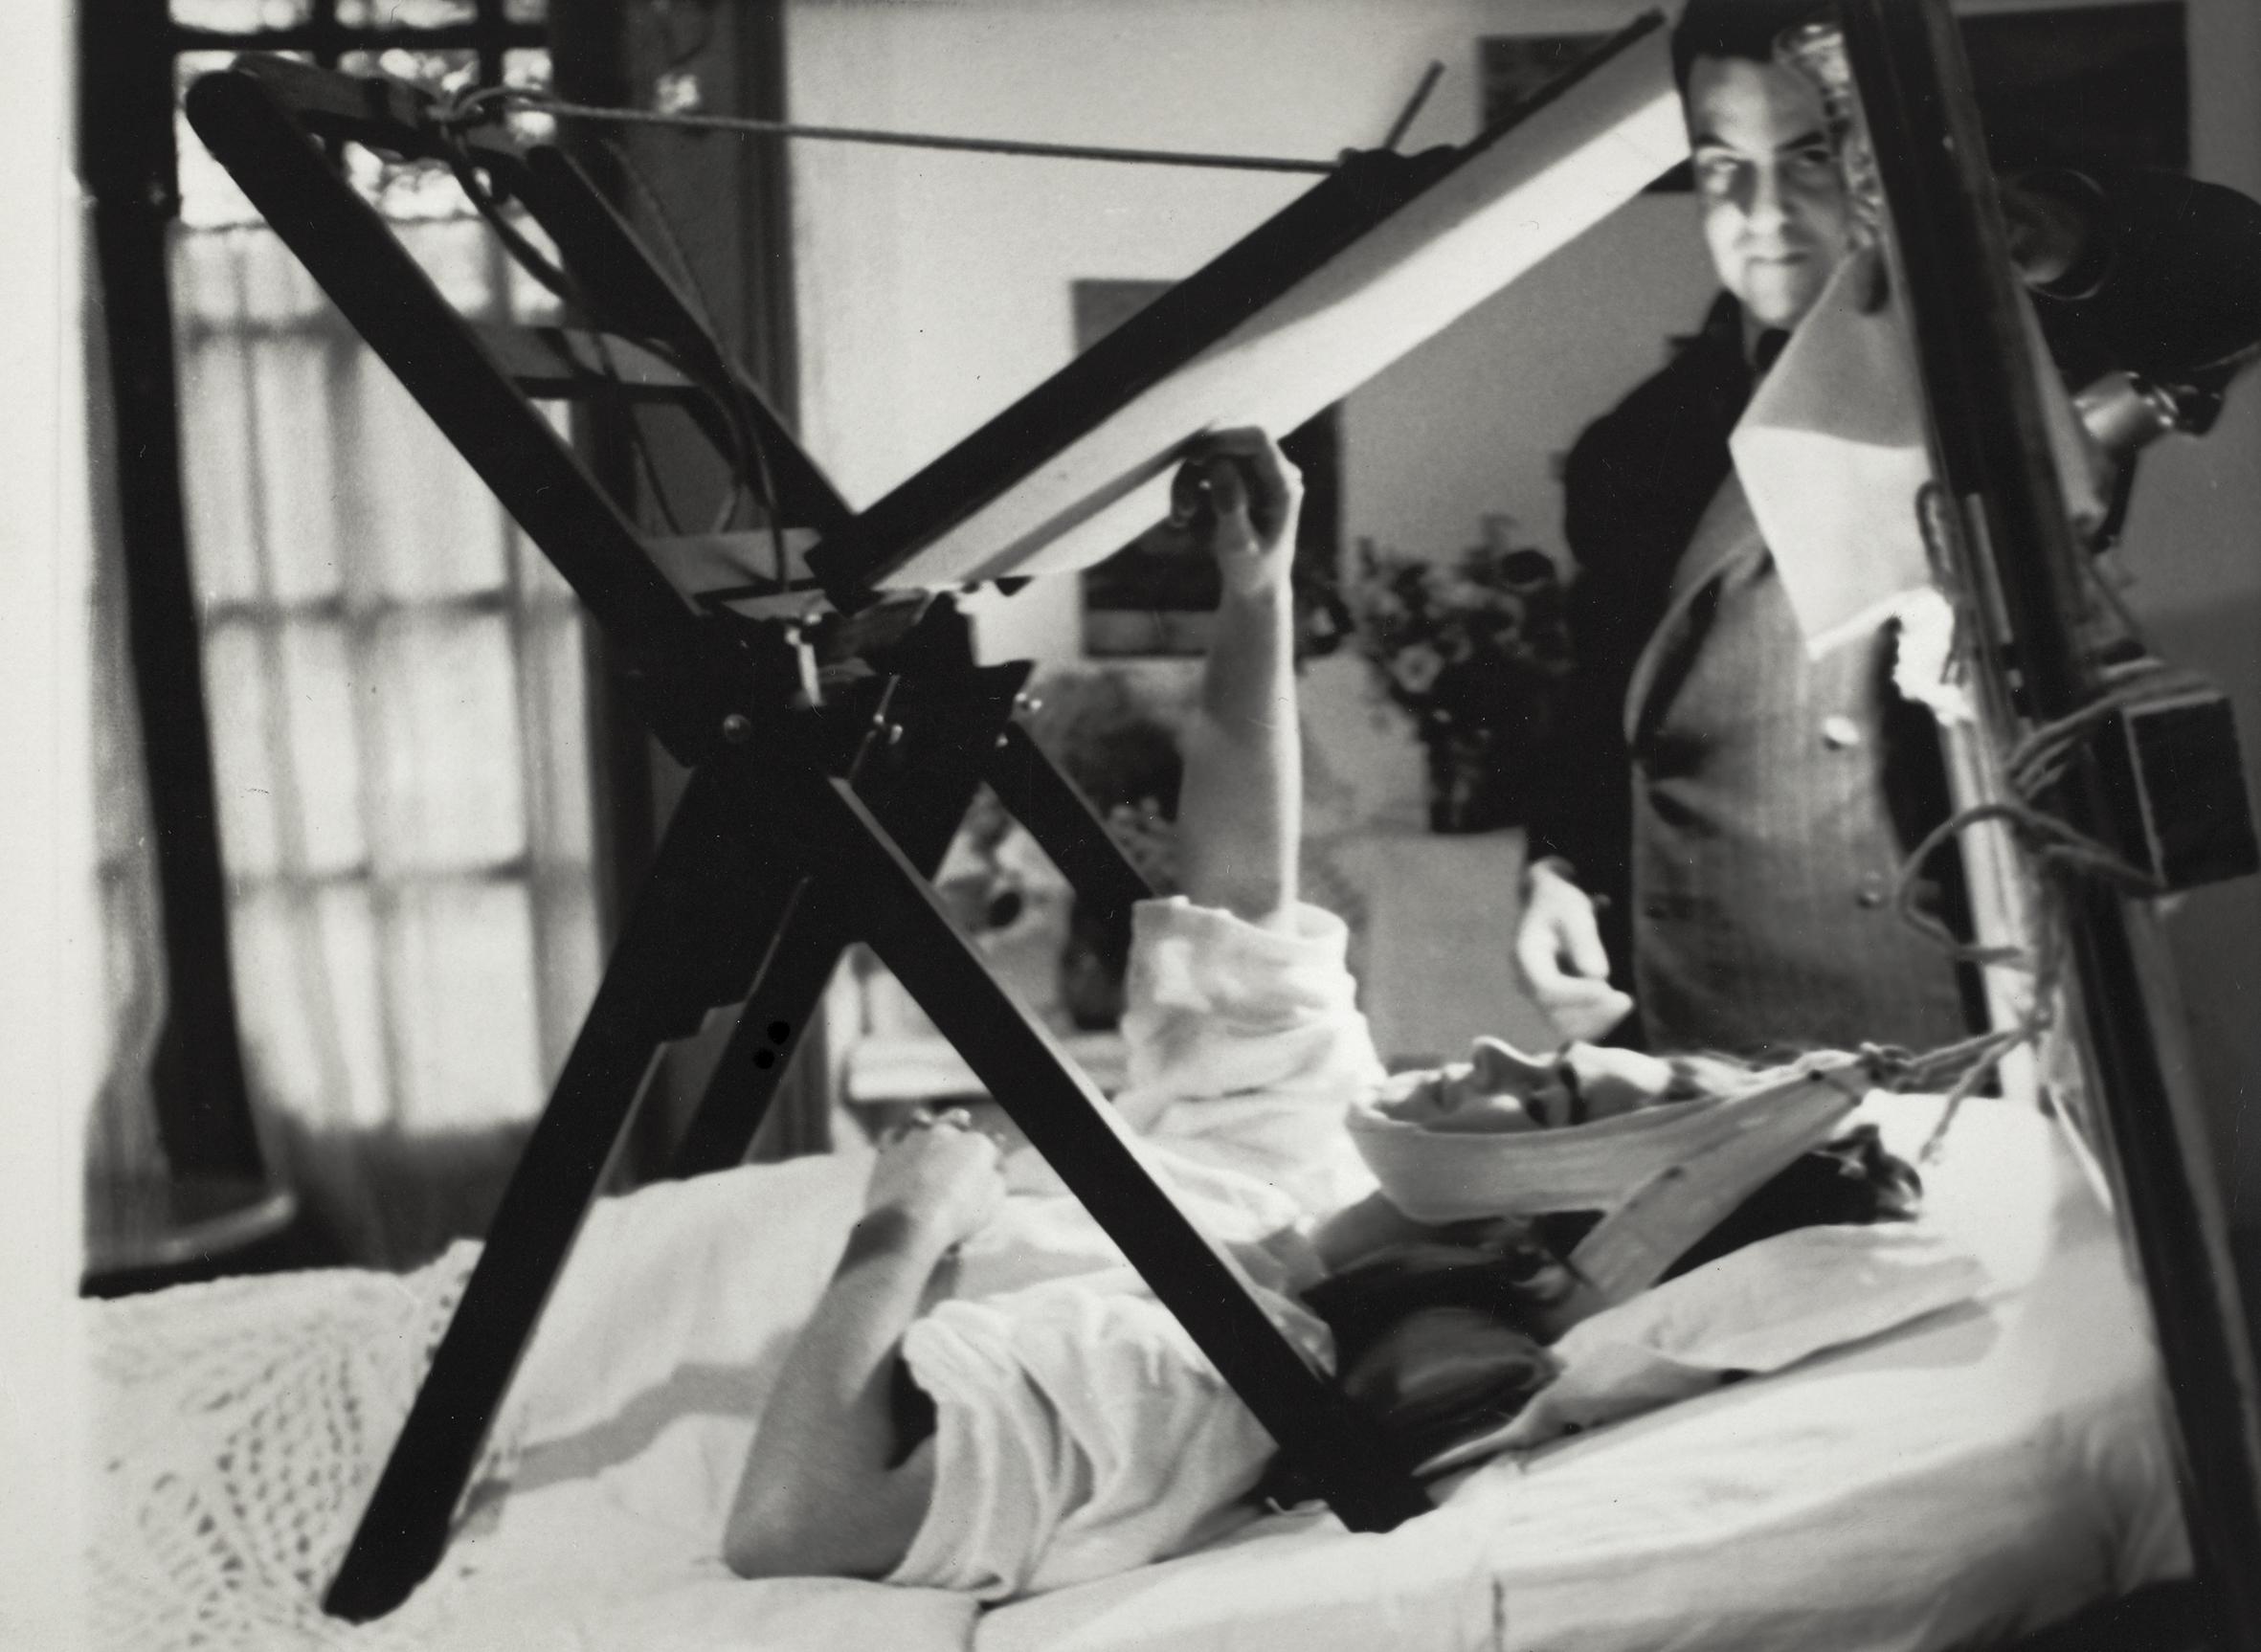 Frida  pintando  na  sua  cama,  Anónimo,  1940.  De  pé,  ao  seu  lado,  Miguel  Covarrubias  ©  Museu  Frida  Kahlo